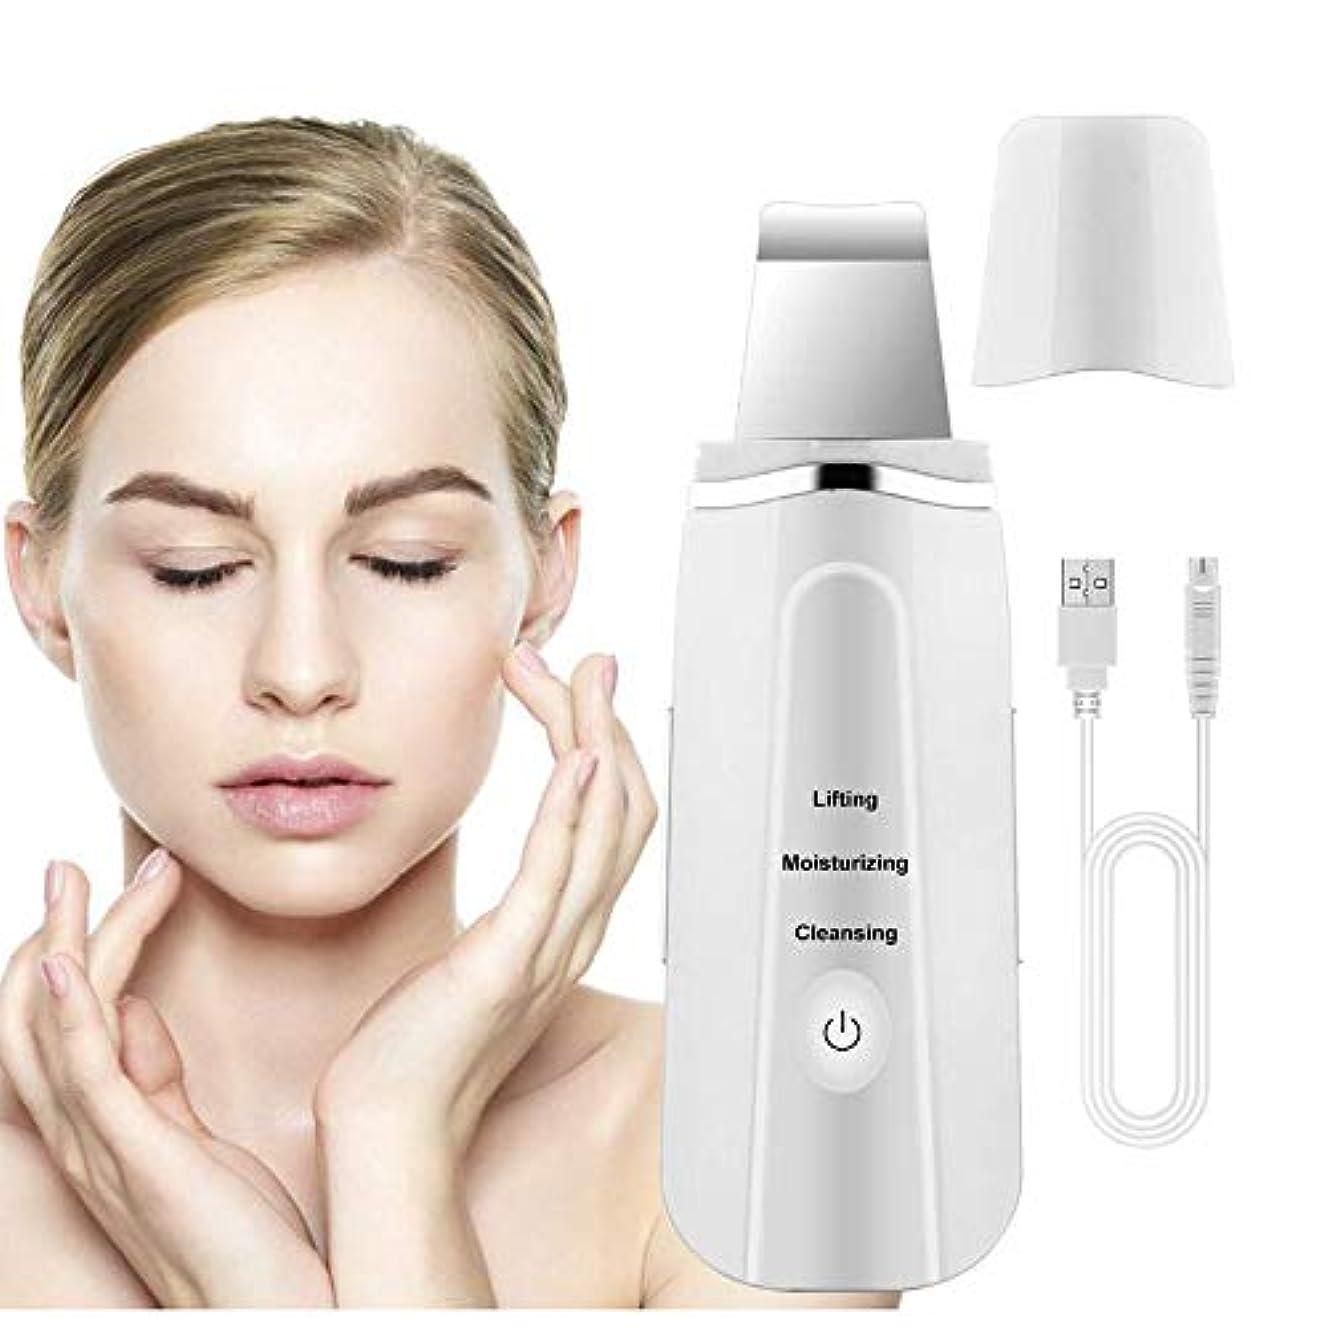 ネコマウスピース効果的に超音波導入洗顔クレンジング楽器にきび電気にきびメーター剥離シワ除去機フェイシャル美容機器,White